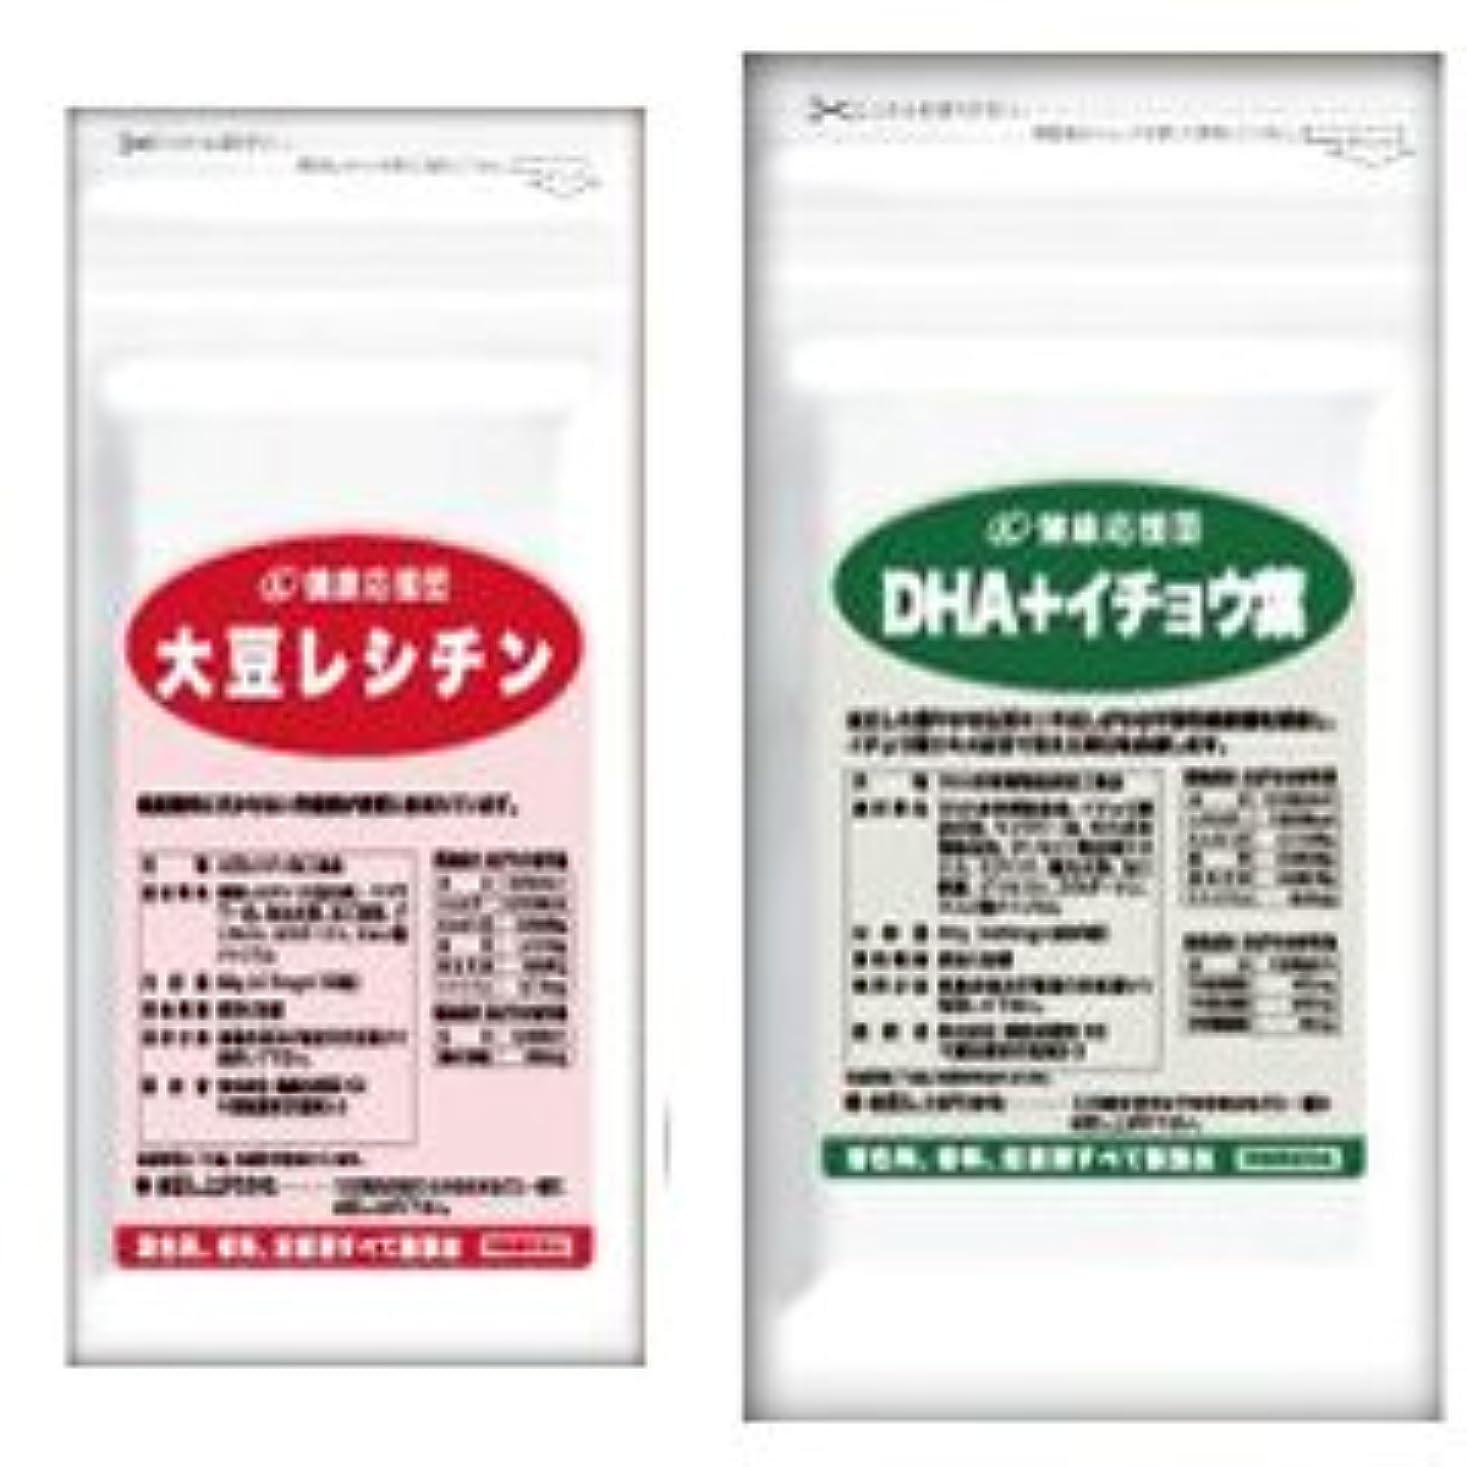 石炭インセンティブずんぐりした流れサラサラセット 大豆レシチン+(DHA+イチョウ葉) (DHA?EPA?イチョウ葉)